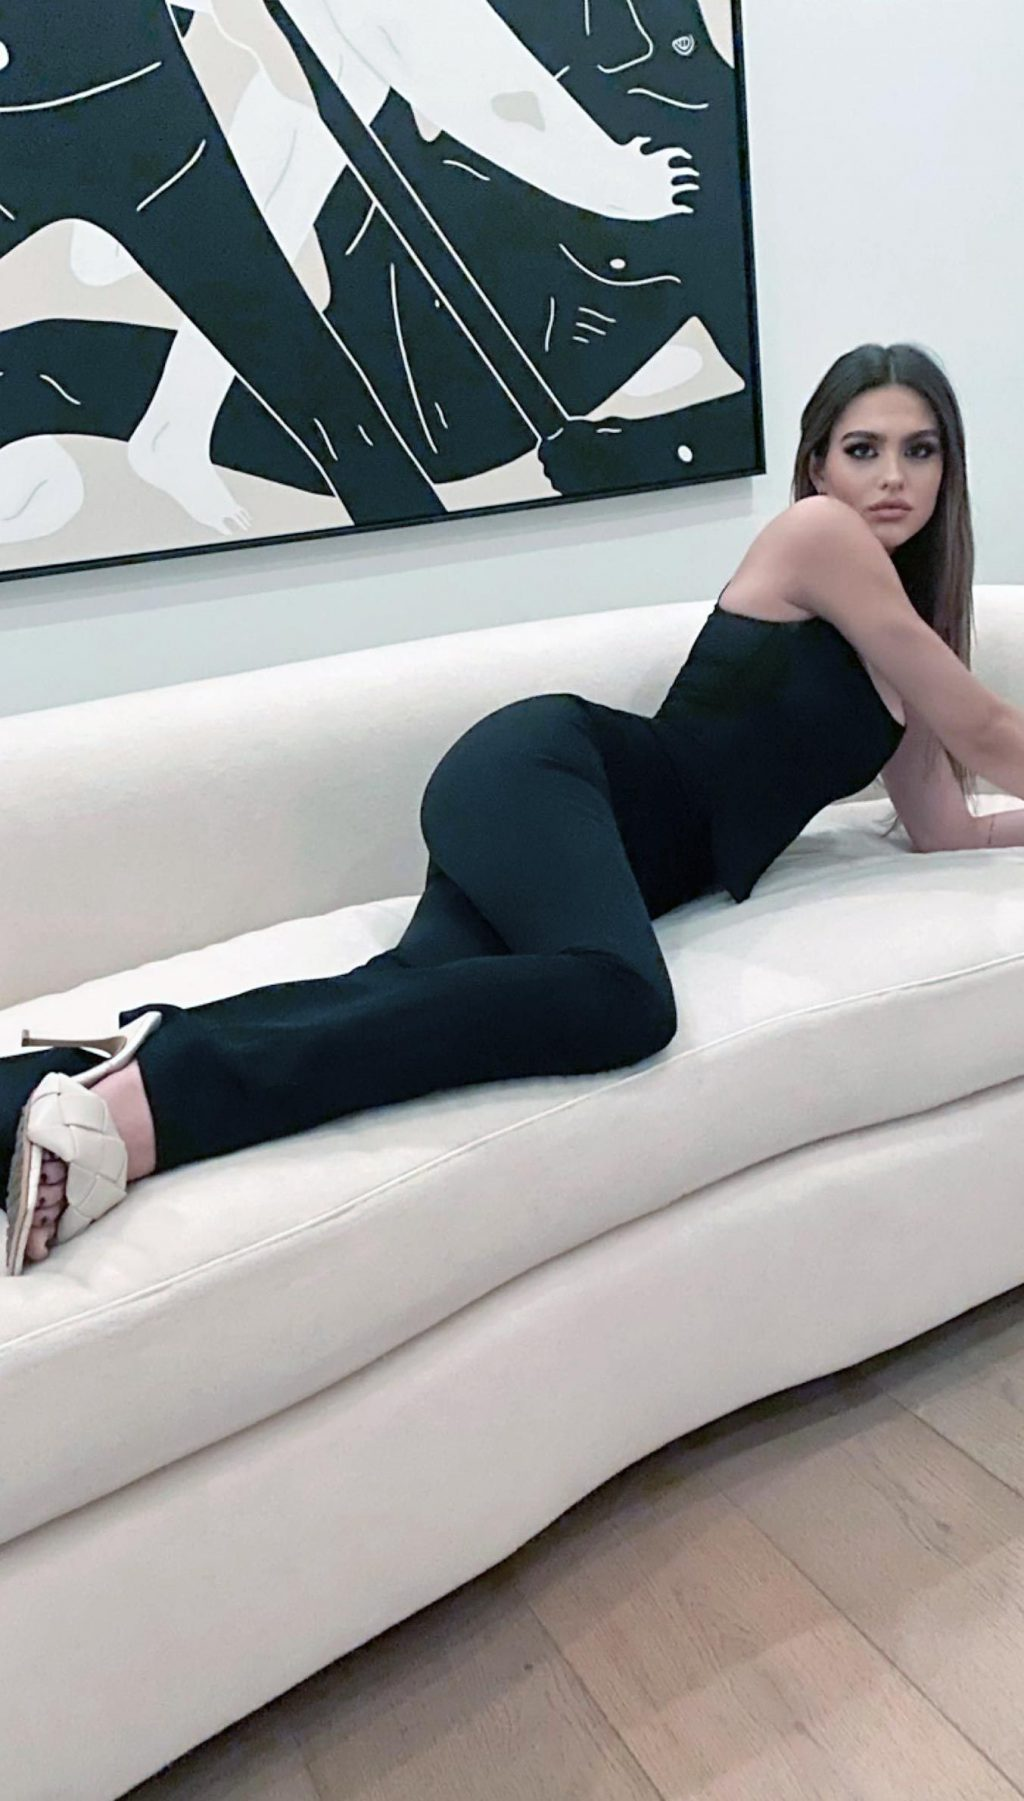 Amelia Gray Hamlin SexyFeet Collection (42 Photos)